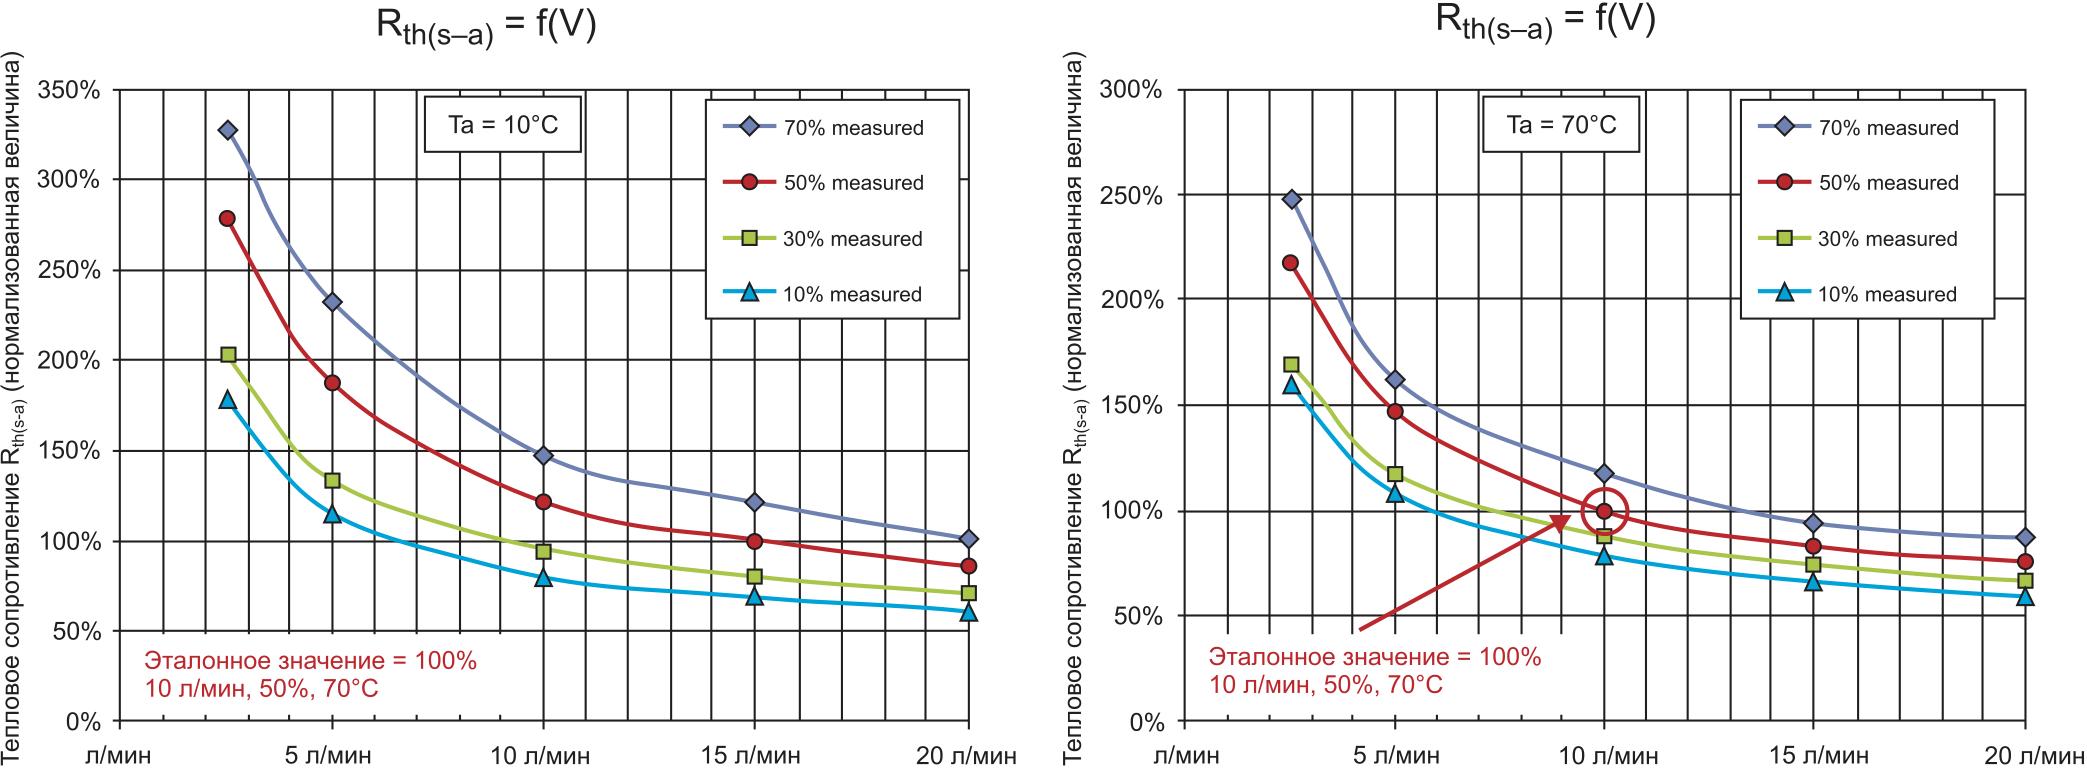 Тепловое сопротивление Rth(s–a) (нормализованная величина) в зависимости от скорости потока V